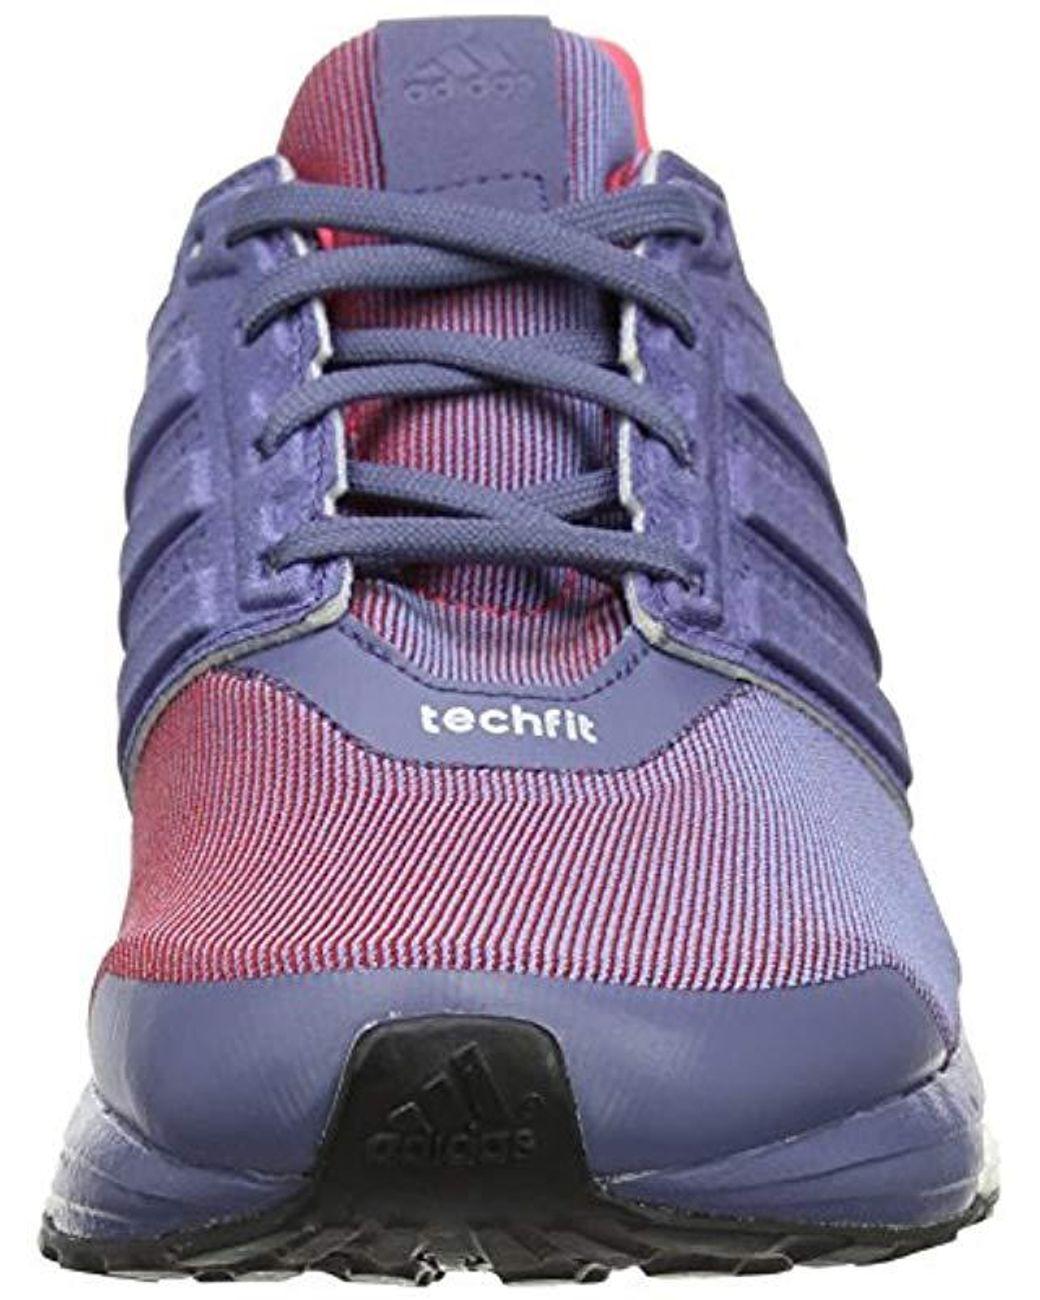 Supernova Glide Femme 8Chaussures Adidas Running Compétition En De N0O8Pvnymw